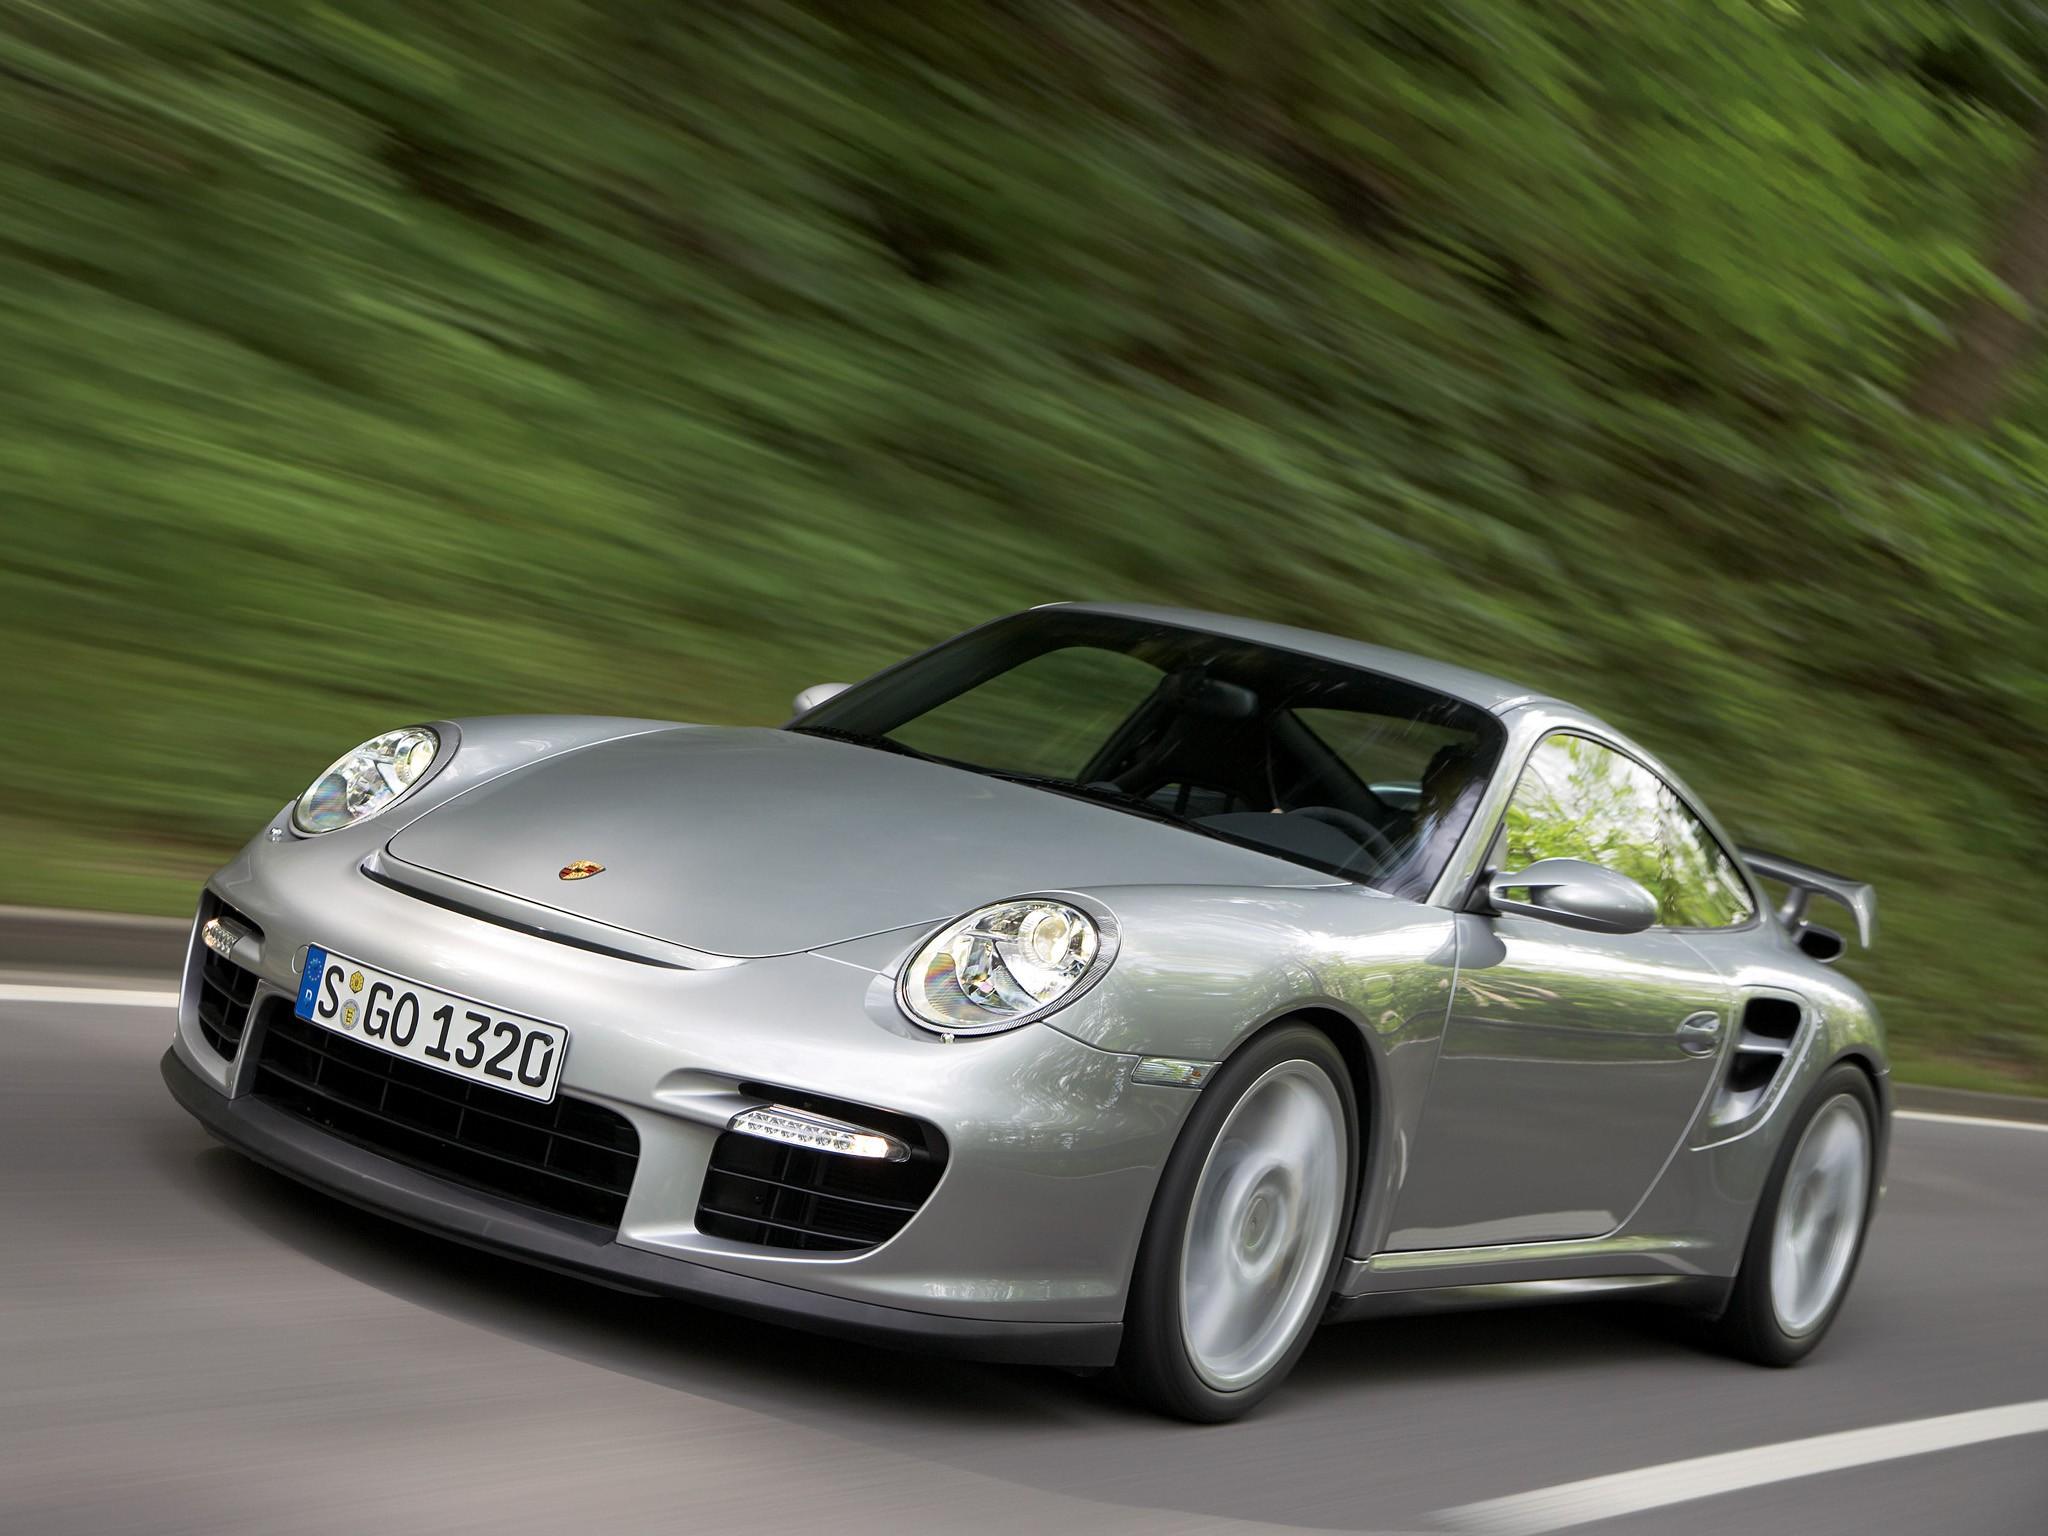 PORSCHE-911-GT2--997--2910_32 Stunning 2008 Porsche 911 Gt2 Horsepower Cars Trend